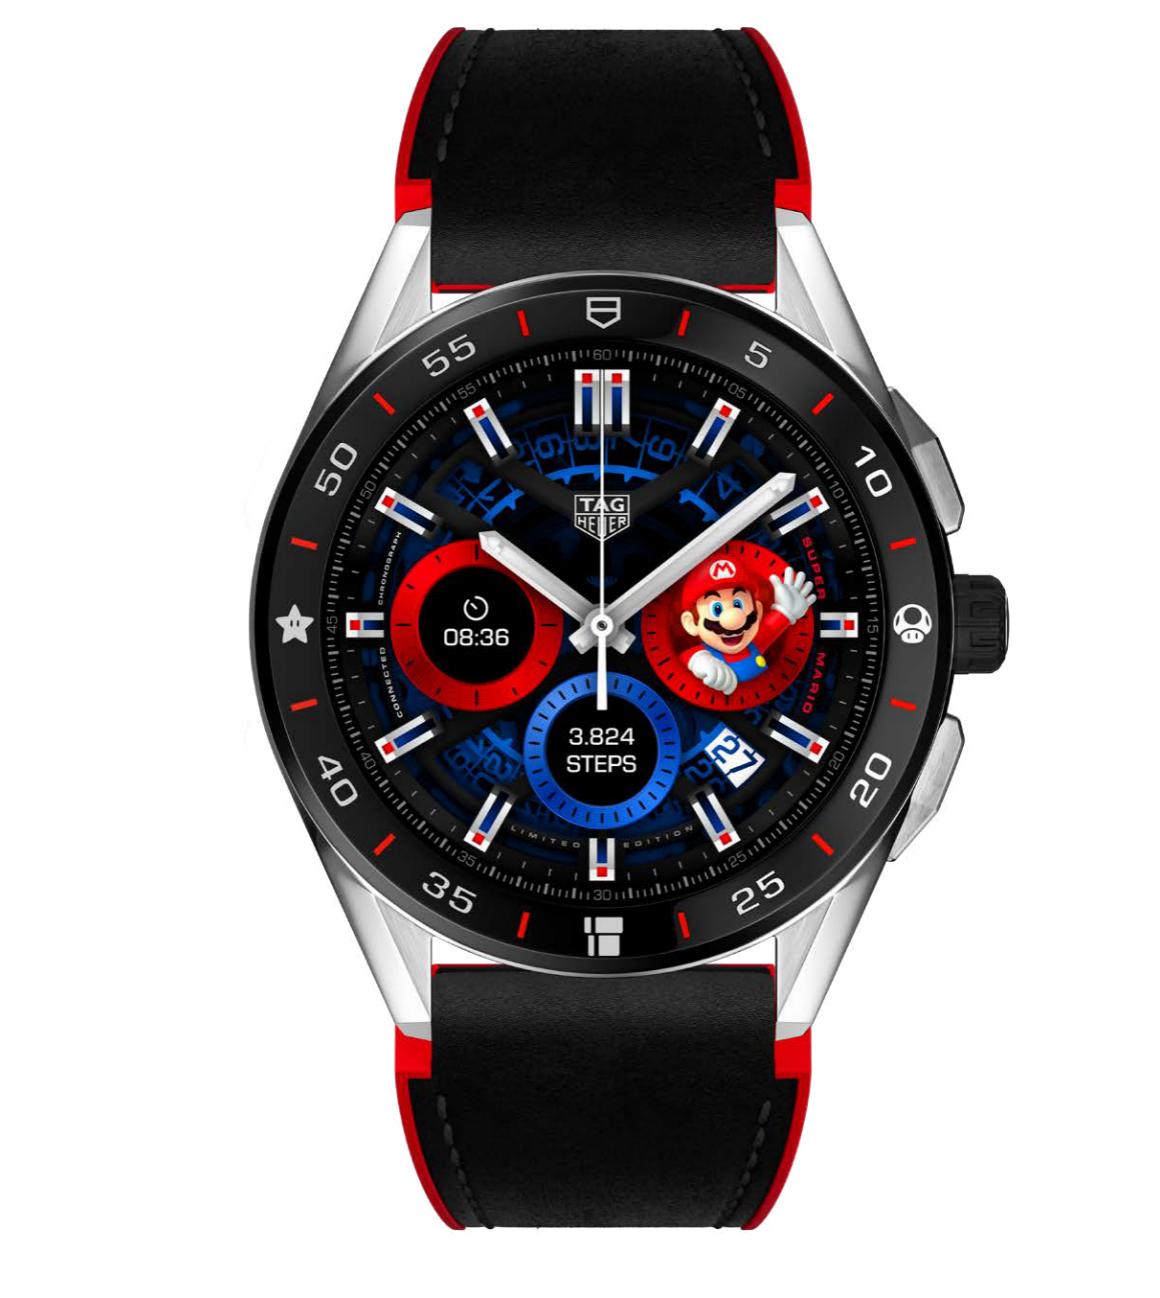 泰格豪雅与任天堂跨界合作推出 推出超级马里奥主题限量款联名腕表